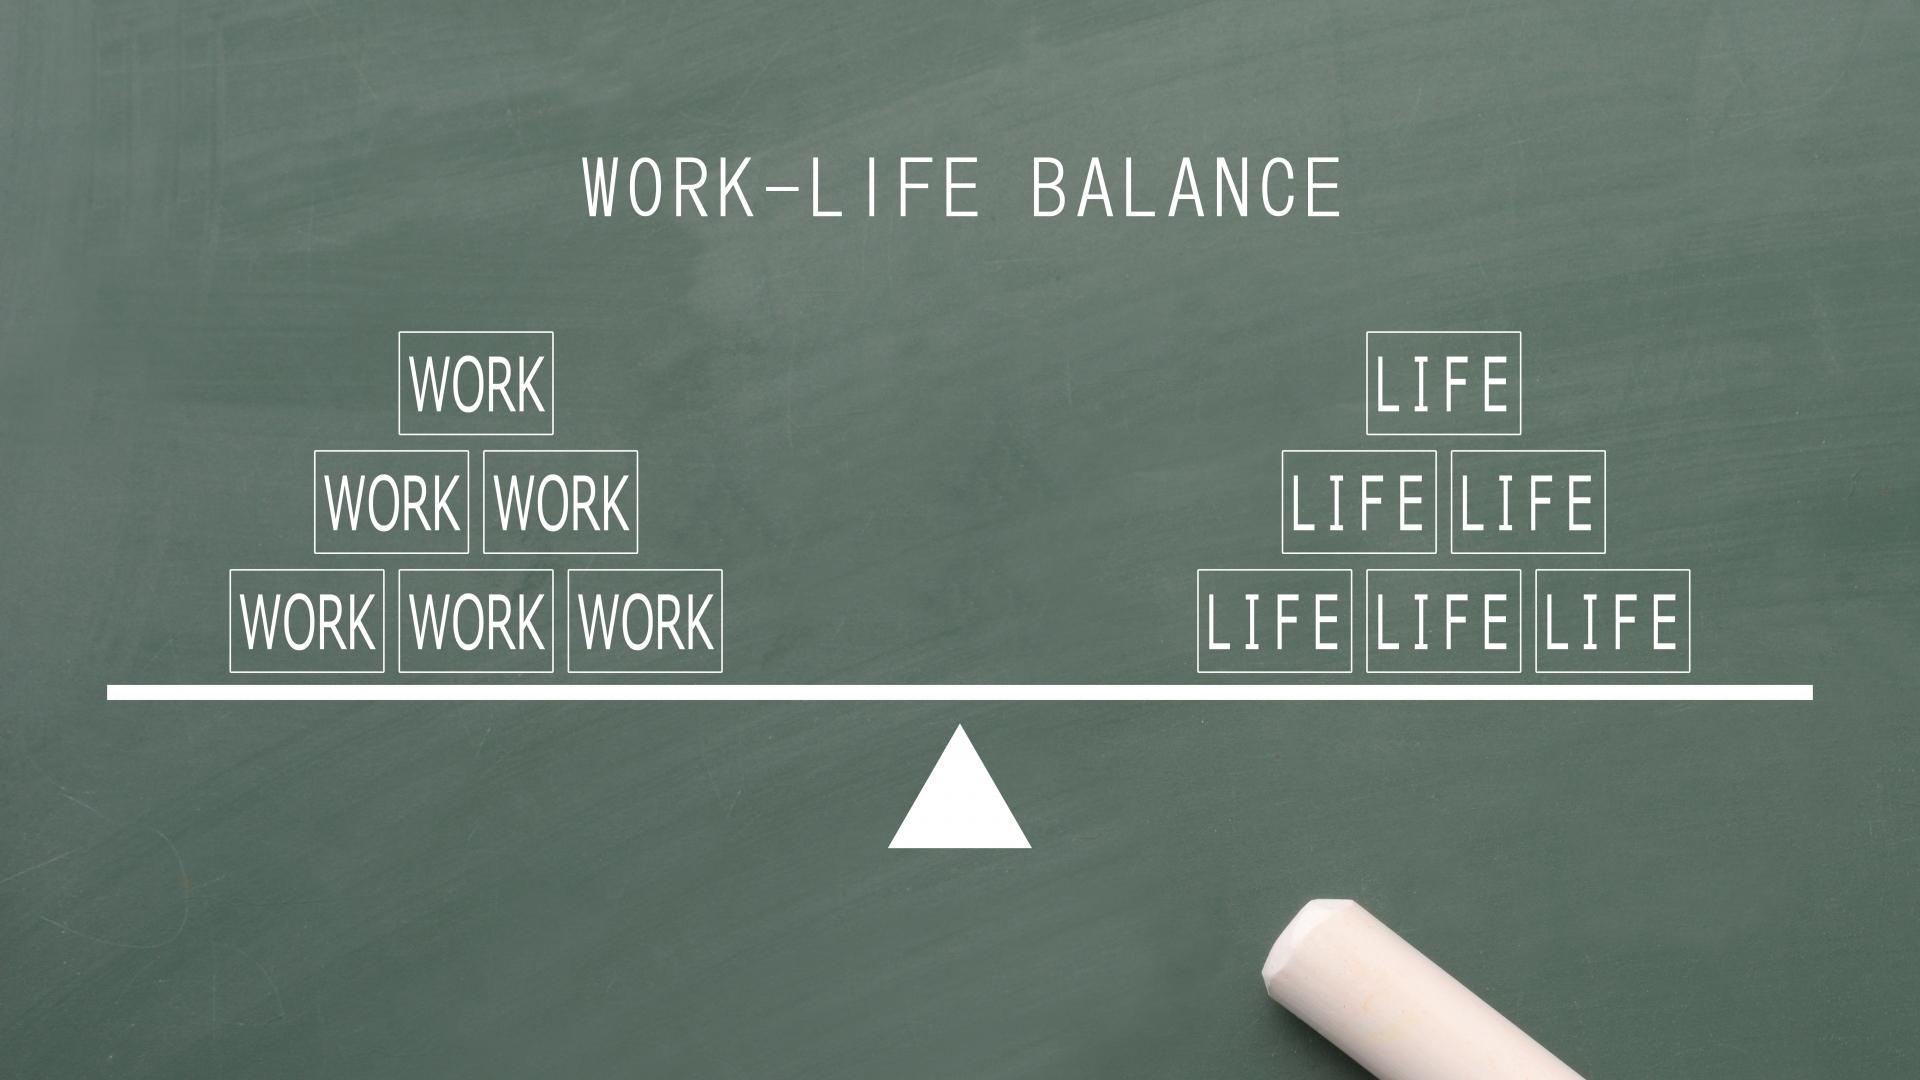 健康で豊かな生活のためのバランス